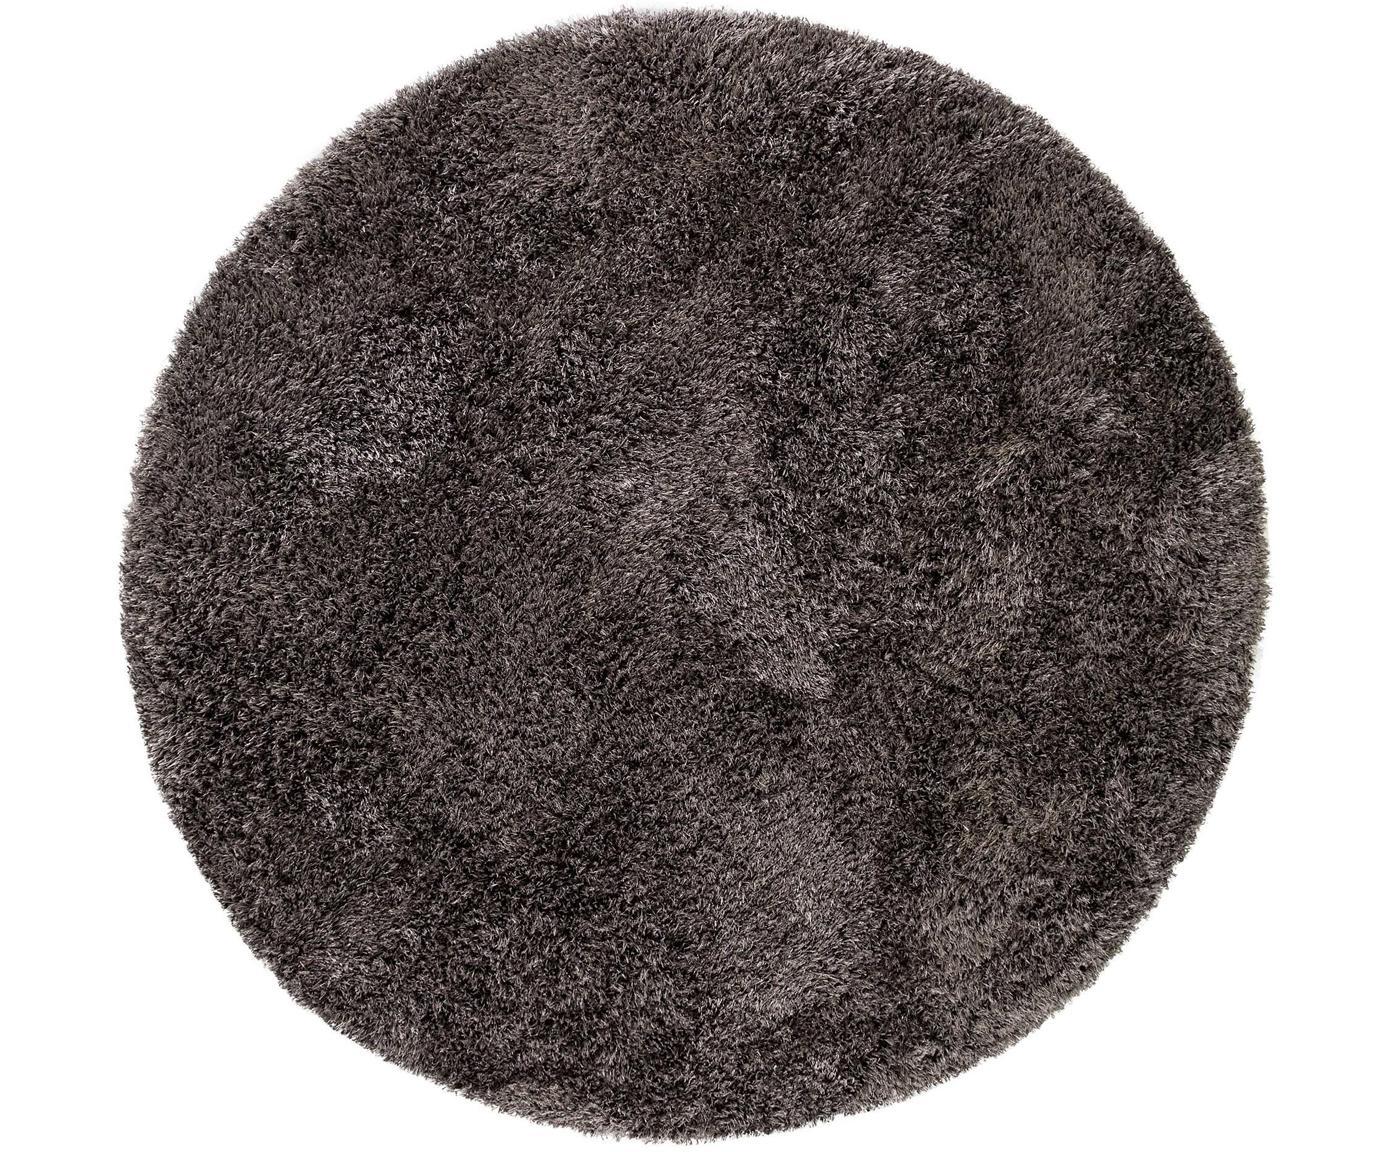 Okrągły dywan z wysokim stosem Lea, 50% poliester, 50% polipropylen, Antracytowy, Ø 120 cm (Rozmiar S)